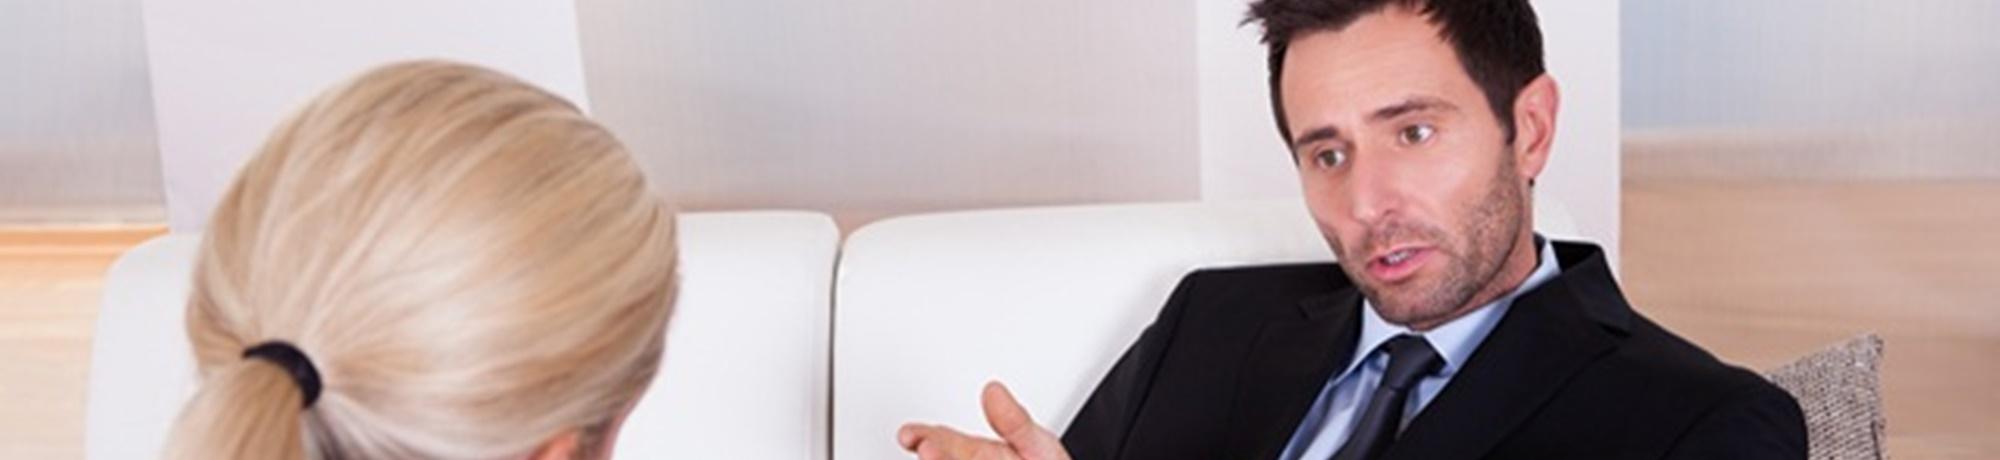 sessao-coaching-dicas